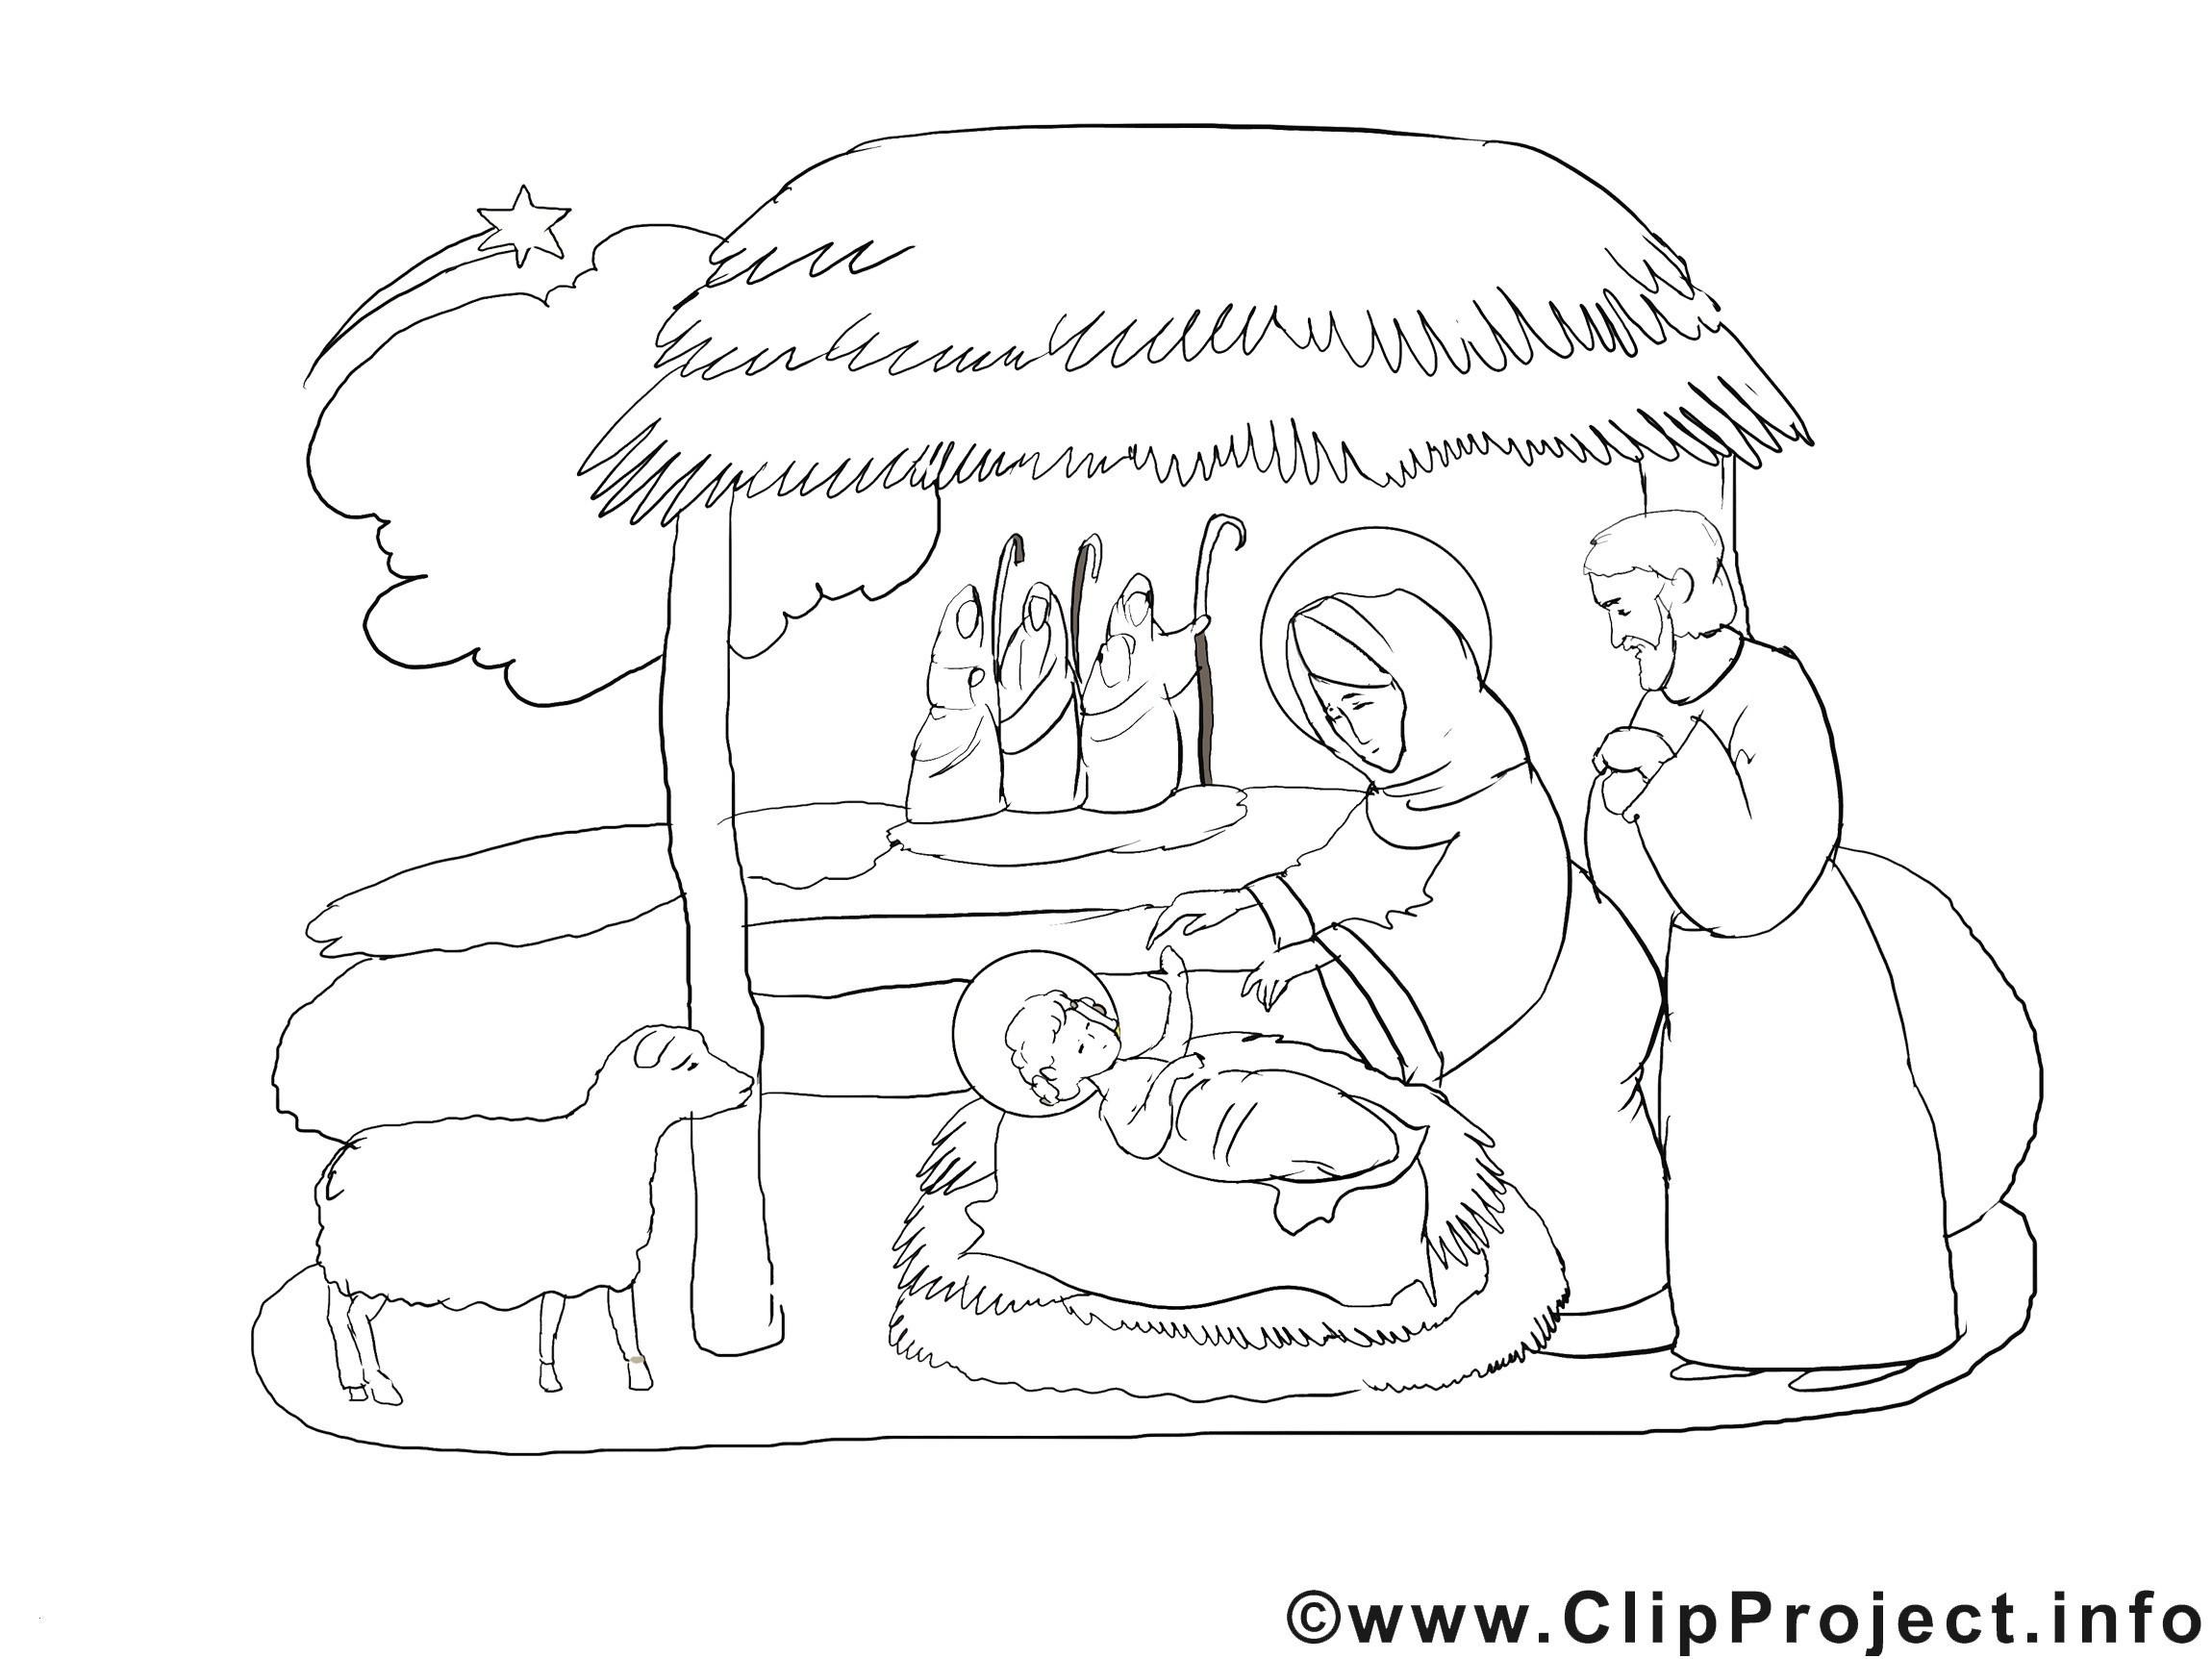 Ausmalbilder Weihnachten Micky Maus Frisch Micky Maus Wunderhaus Ausmalbilder Inspirierend 25 Sammlung